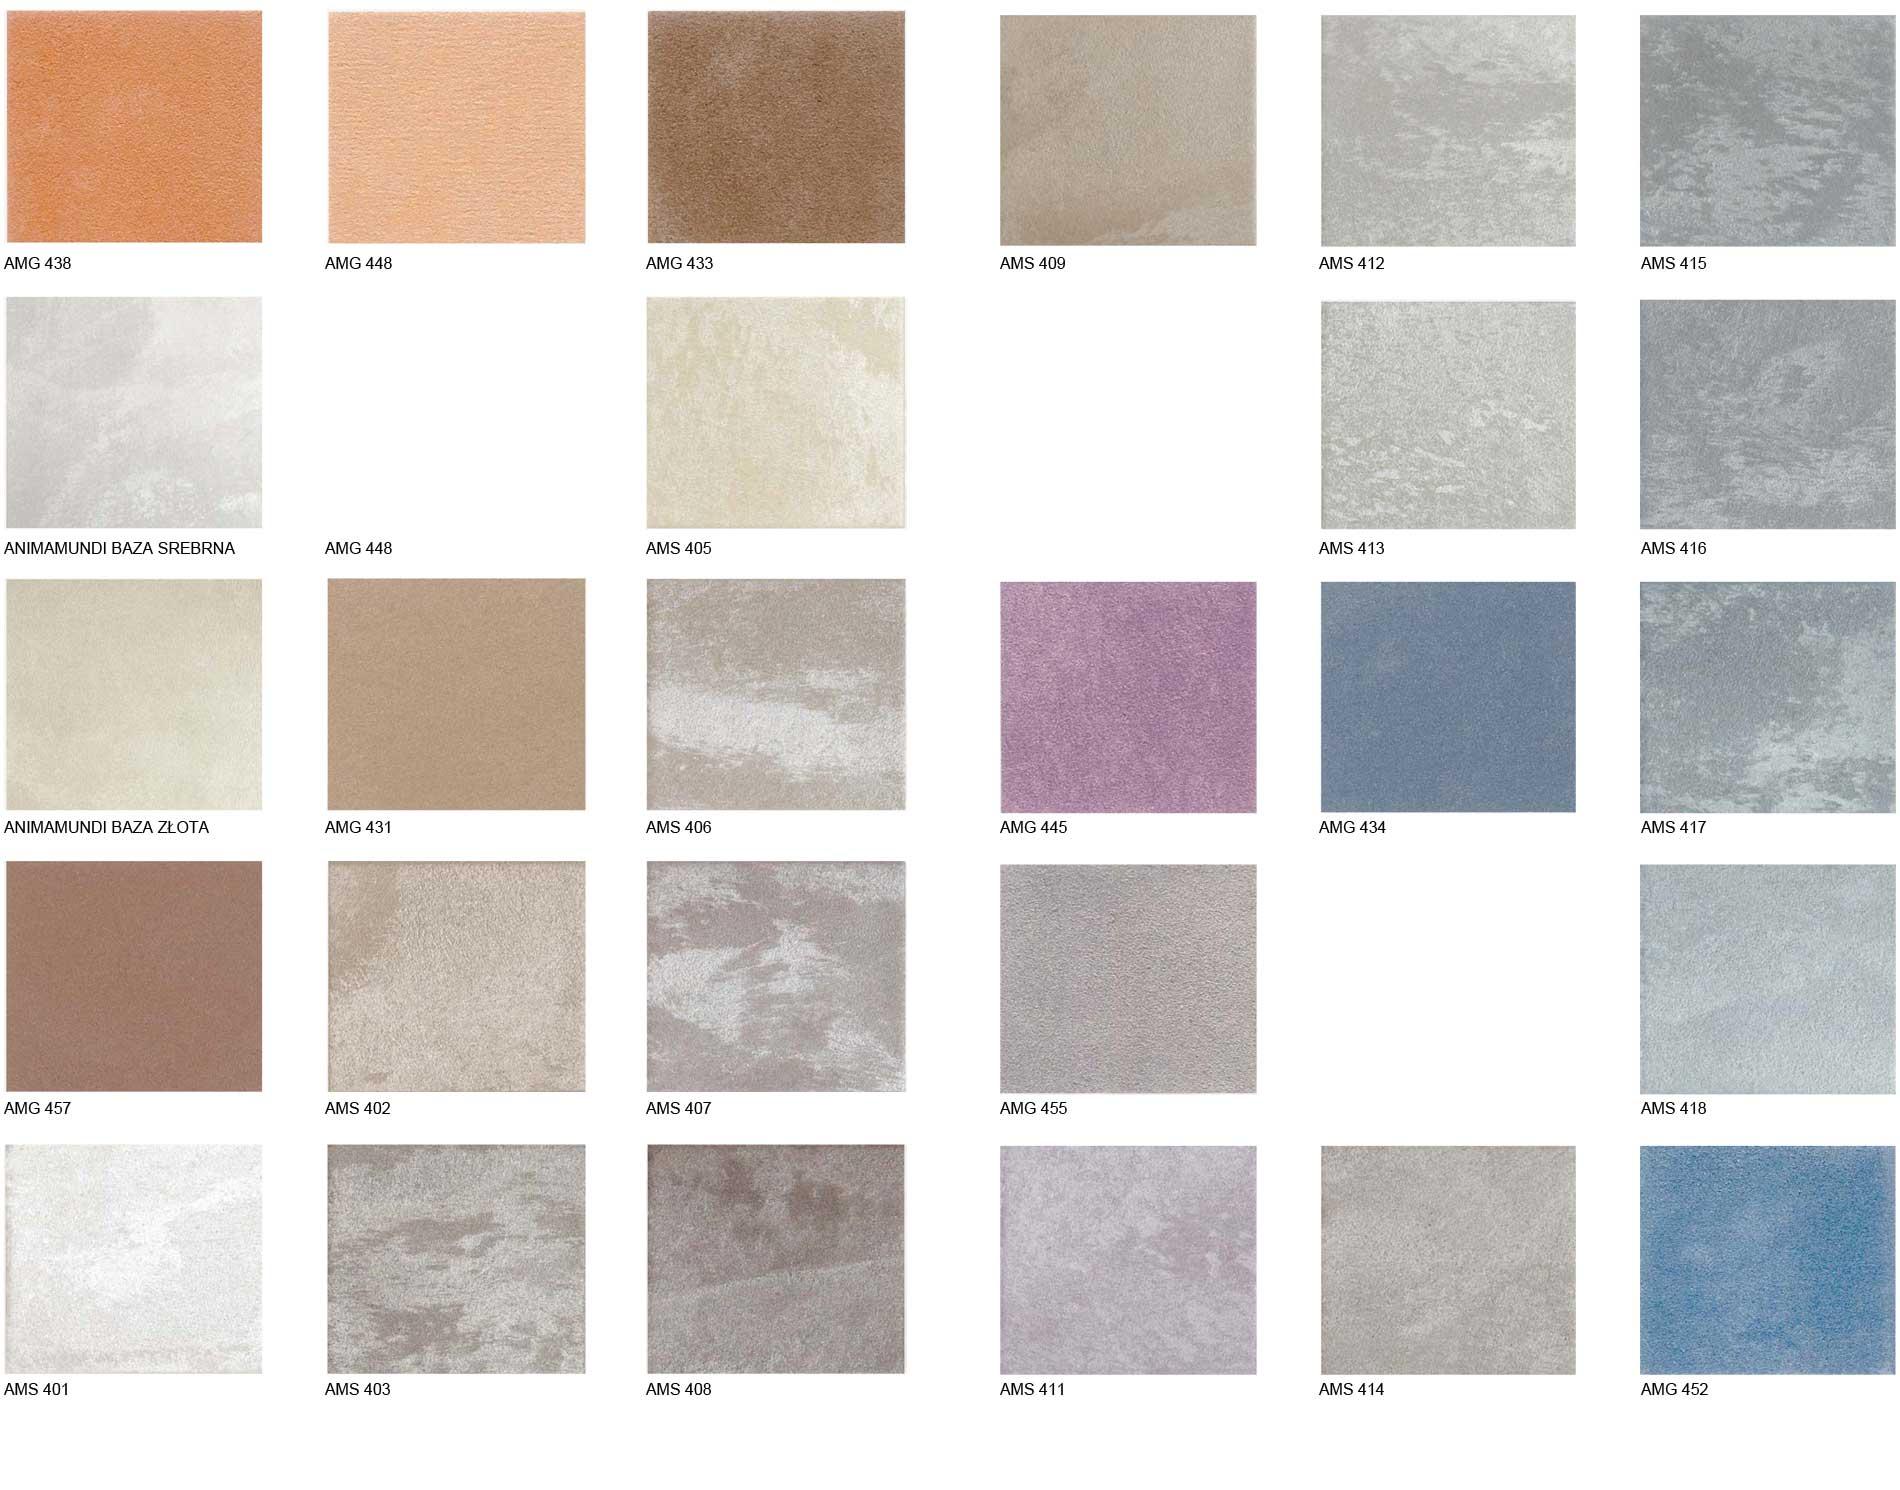 Farba dekoracyjna Animamundi wzornik kolorów 1